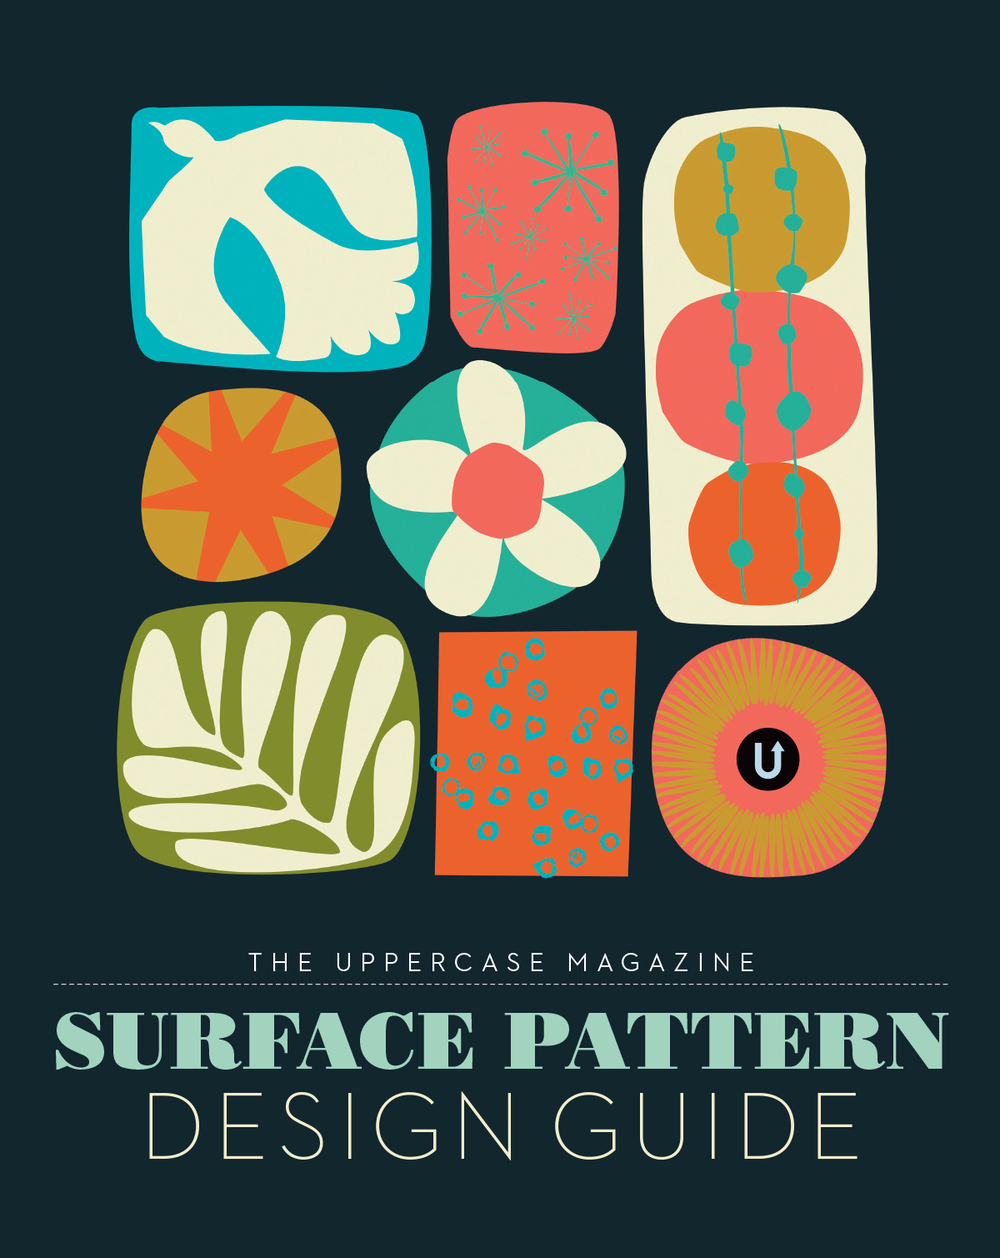 SurfacePatternCover-simple.jpg